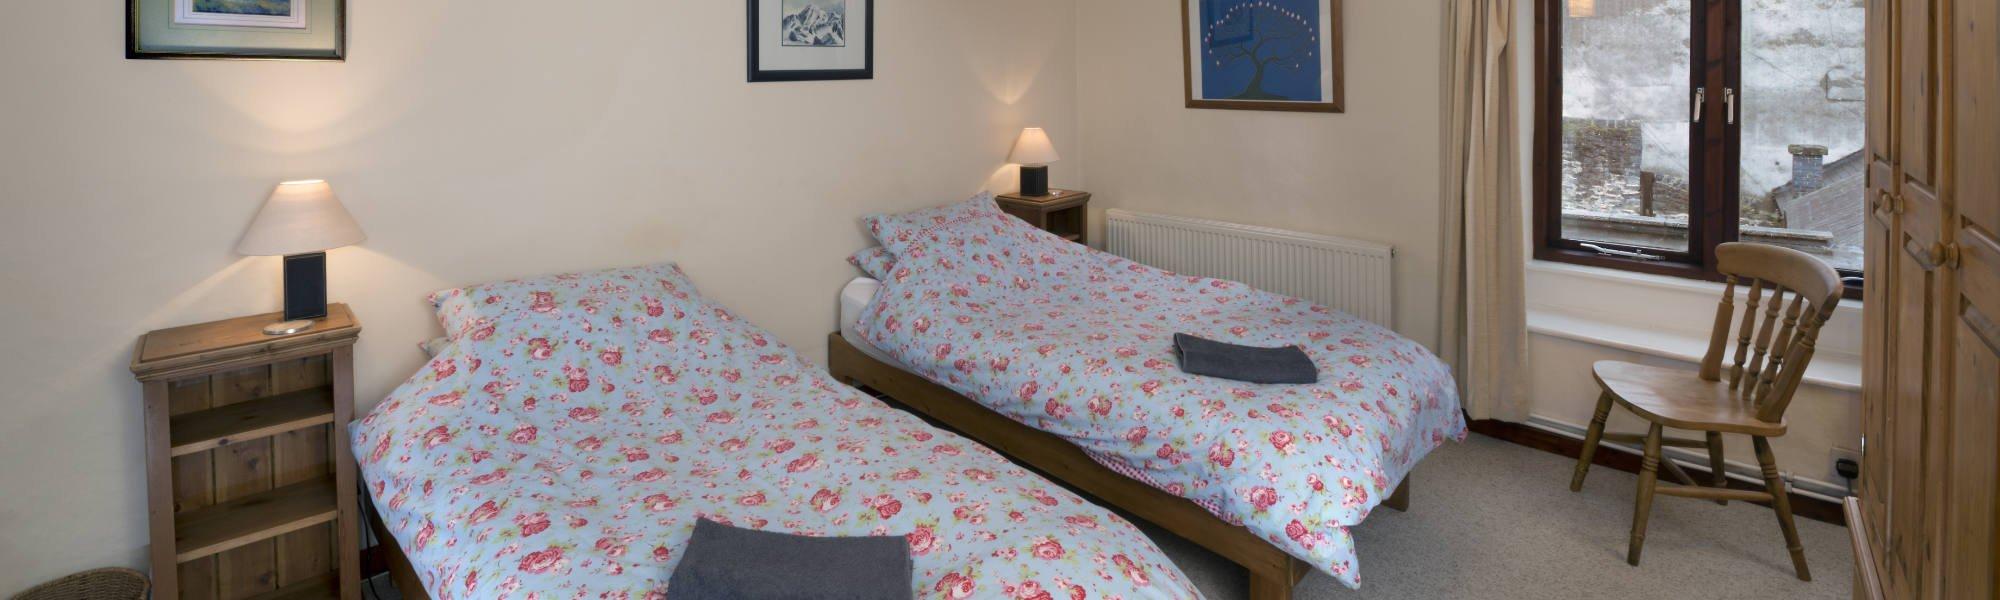 bedroom-twin